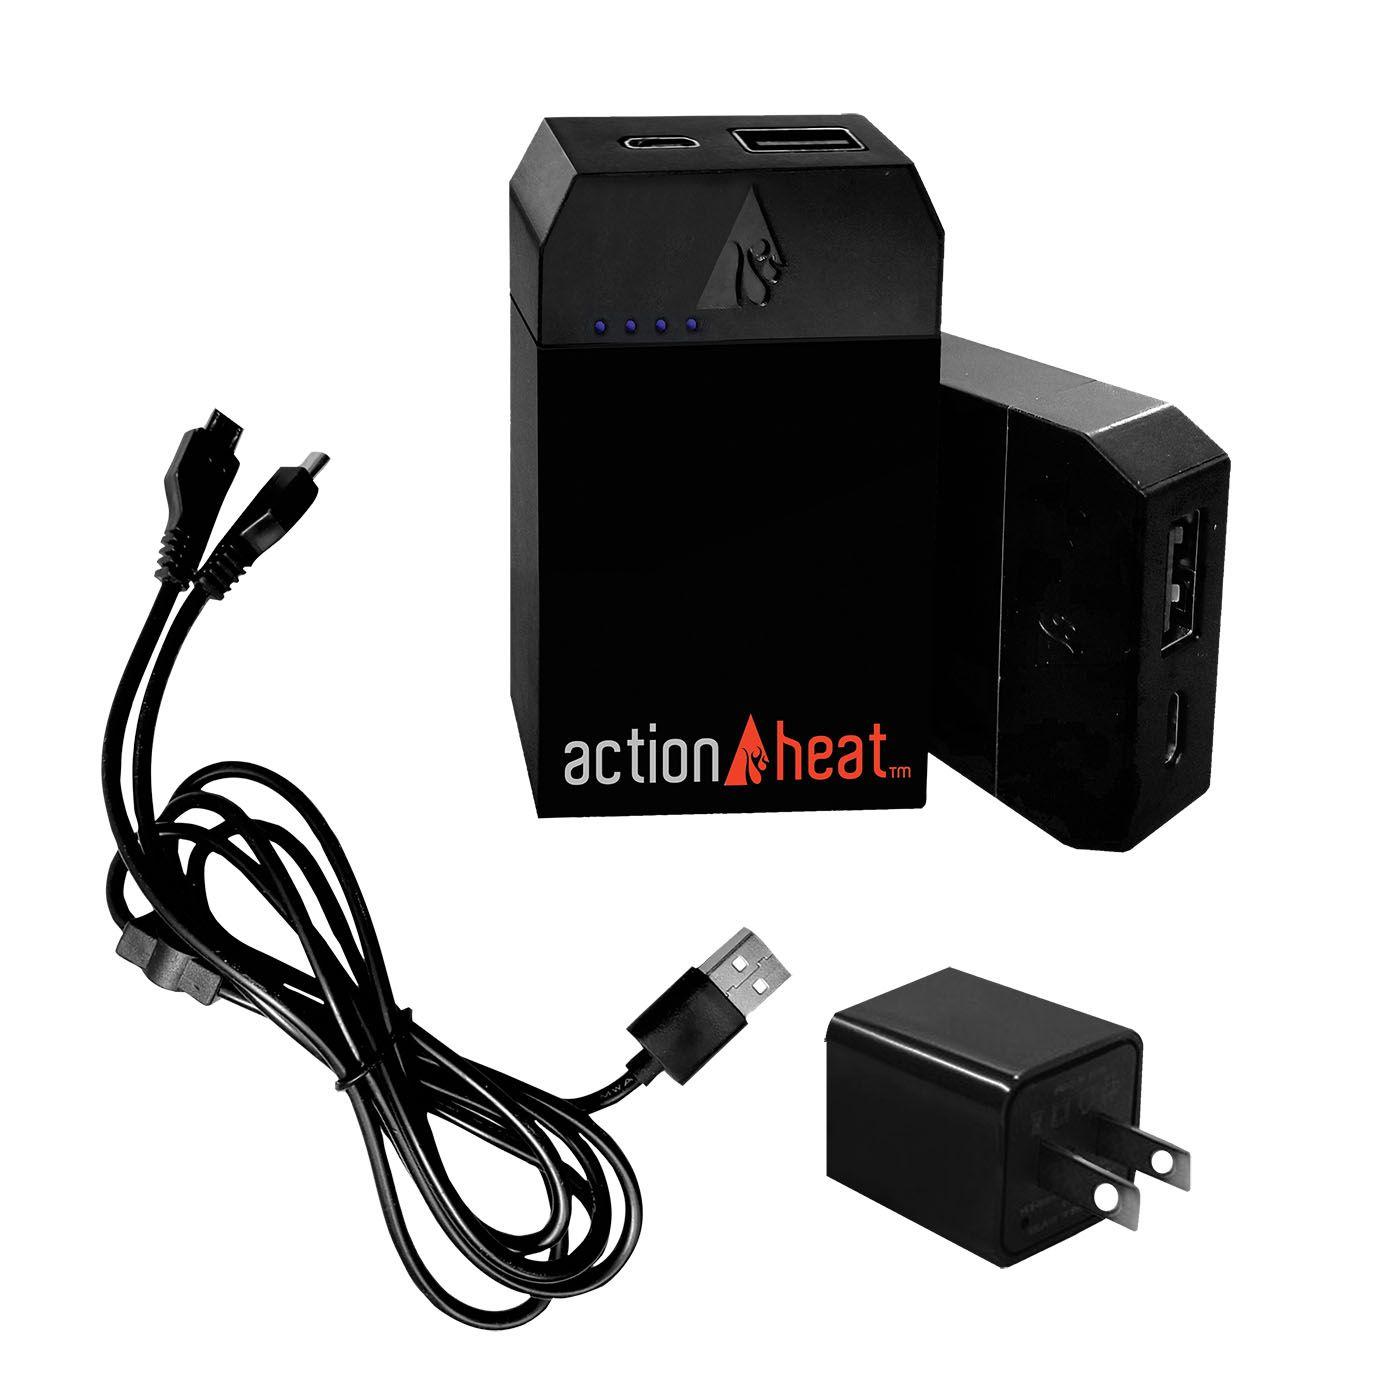 ActionHeat 5V 3,000mAh Dual Power Bank Kit